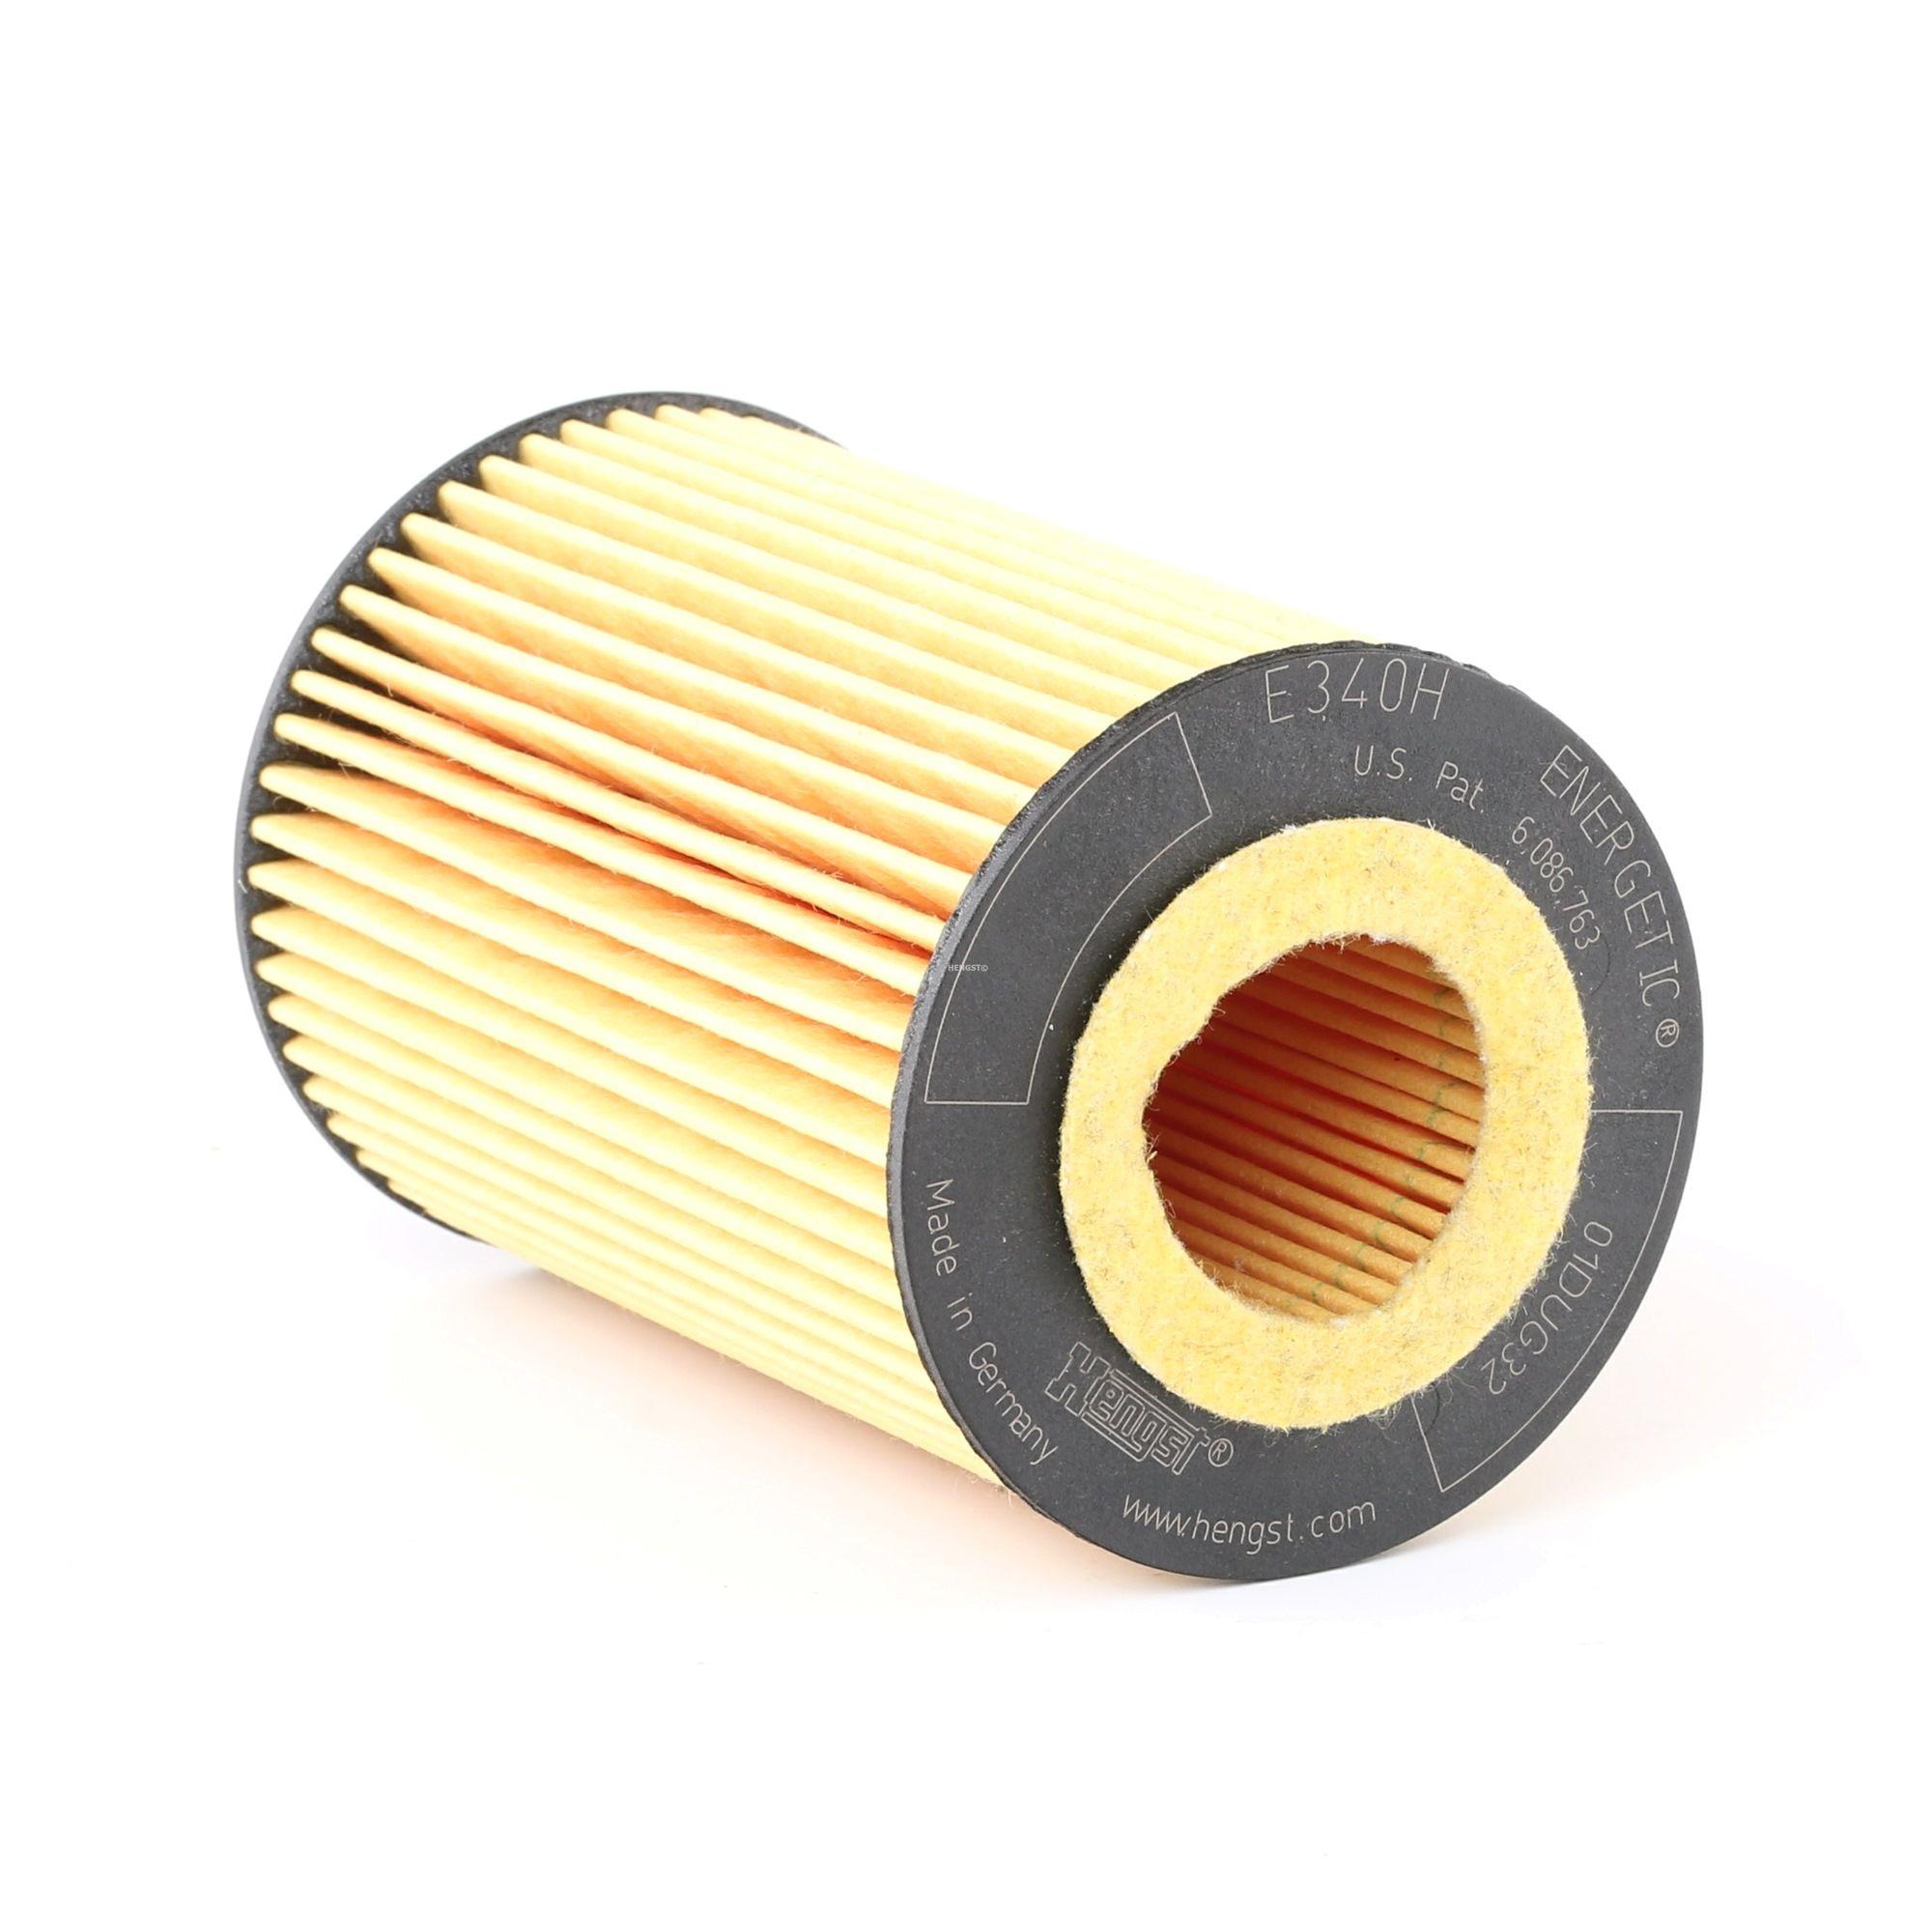 Achetez Filtre à huile HENGST FILTER E340H D247 (Diamètre intérieur: 27mm, Ø: 65mm, Hauteur: 103mm) à un rapport qualité-prix exceptionnel